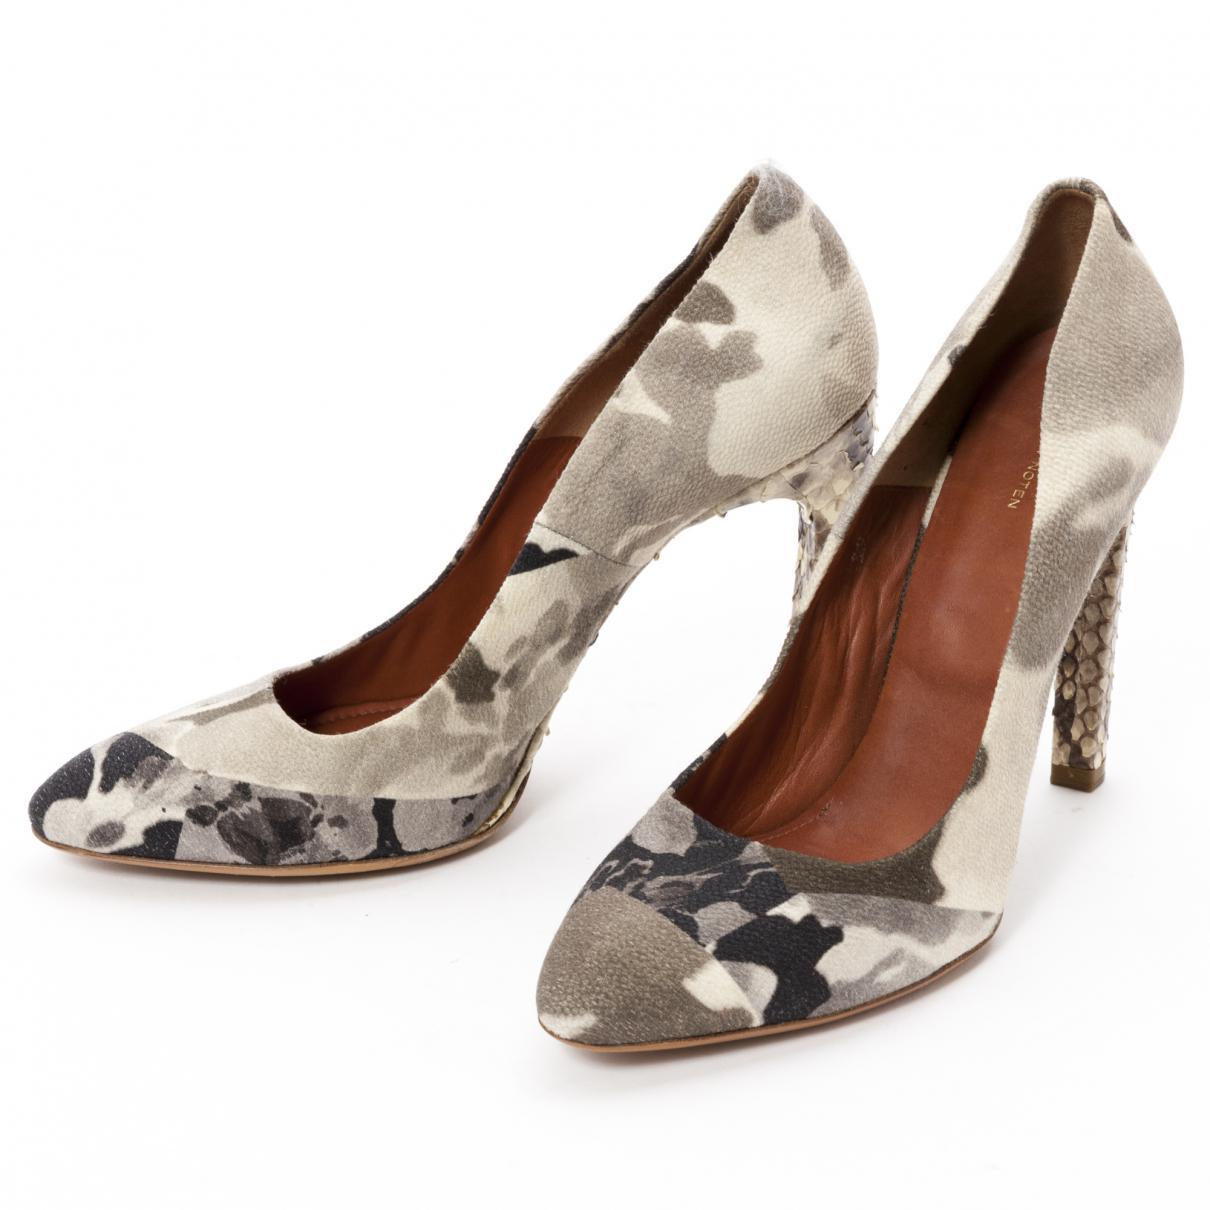 Pre-owned - Cloth heels Dries Van Noten Kc8OXbM0jy